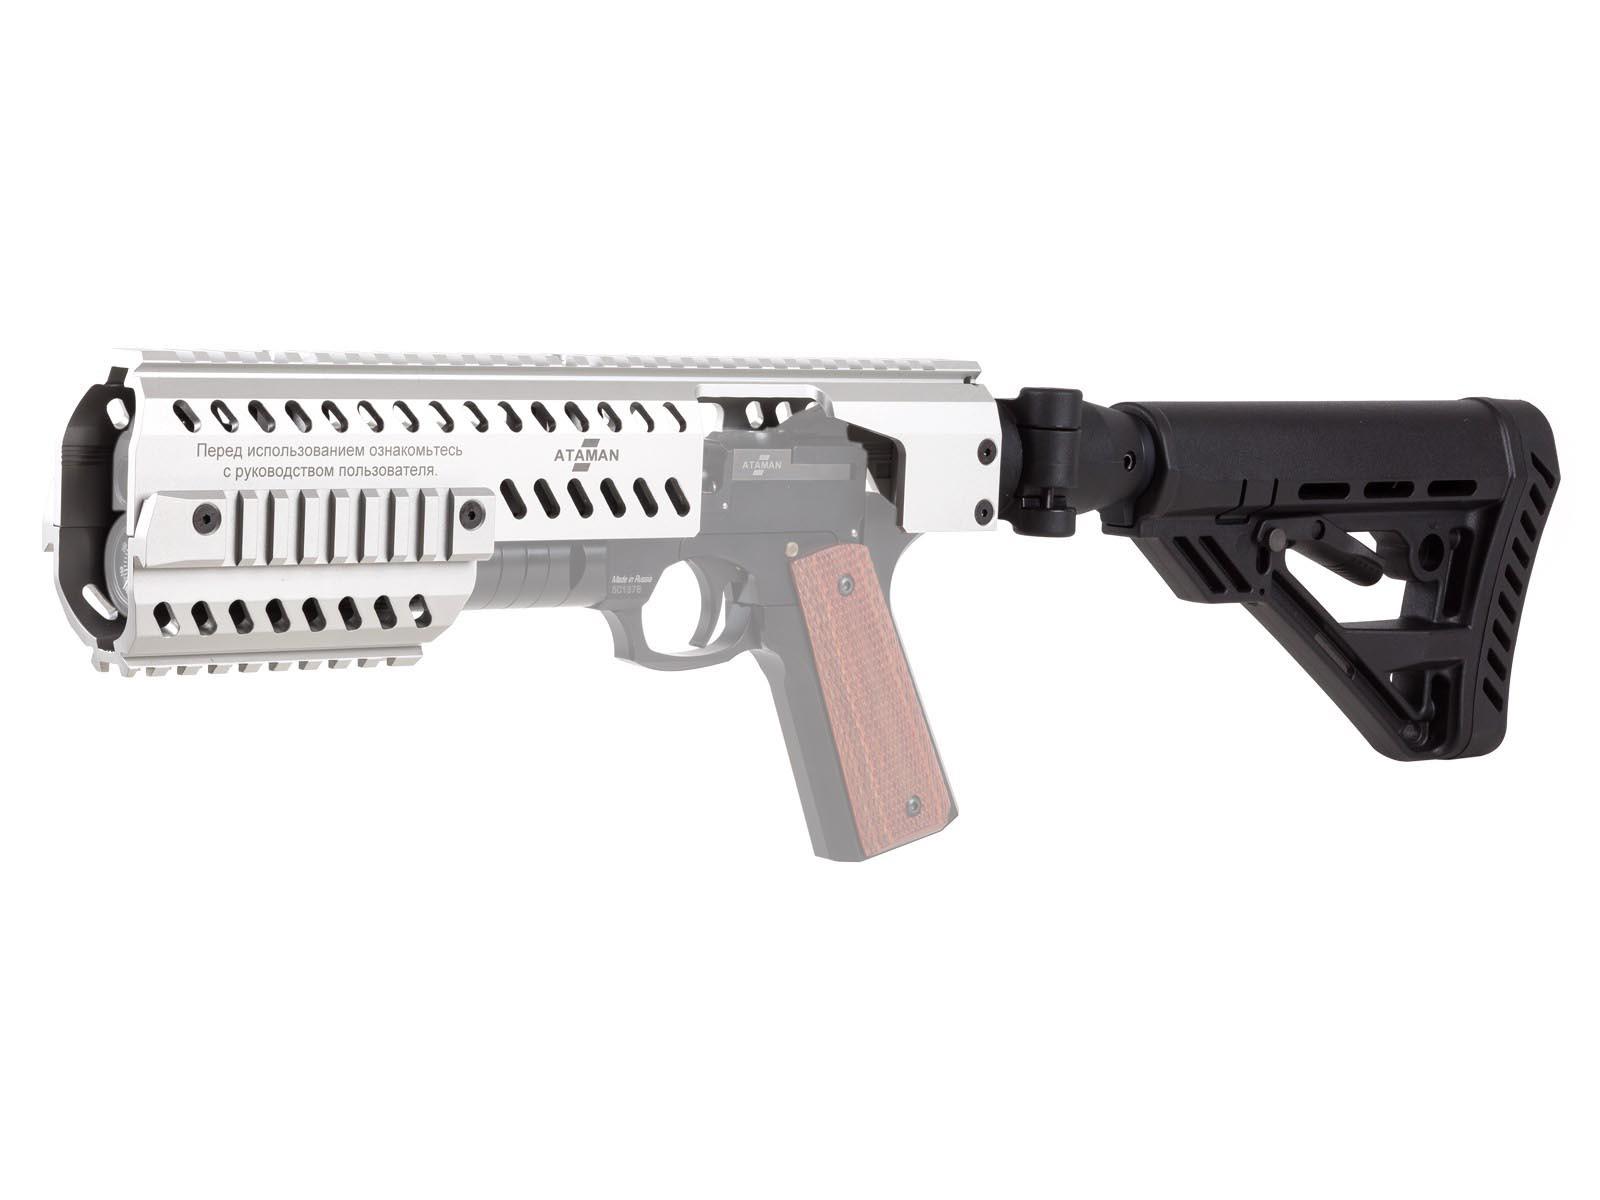 Ataman P2C Conversion Kit, Compact, Silver